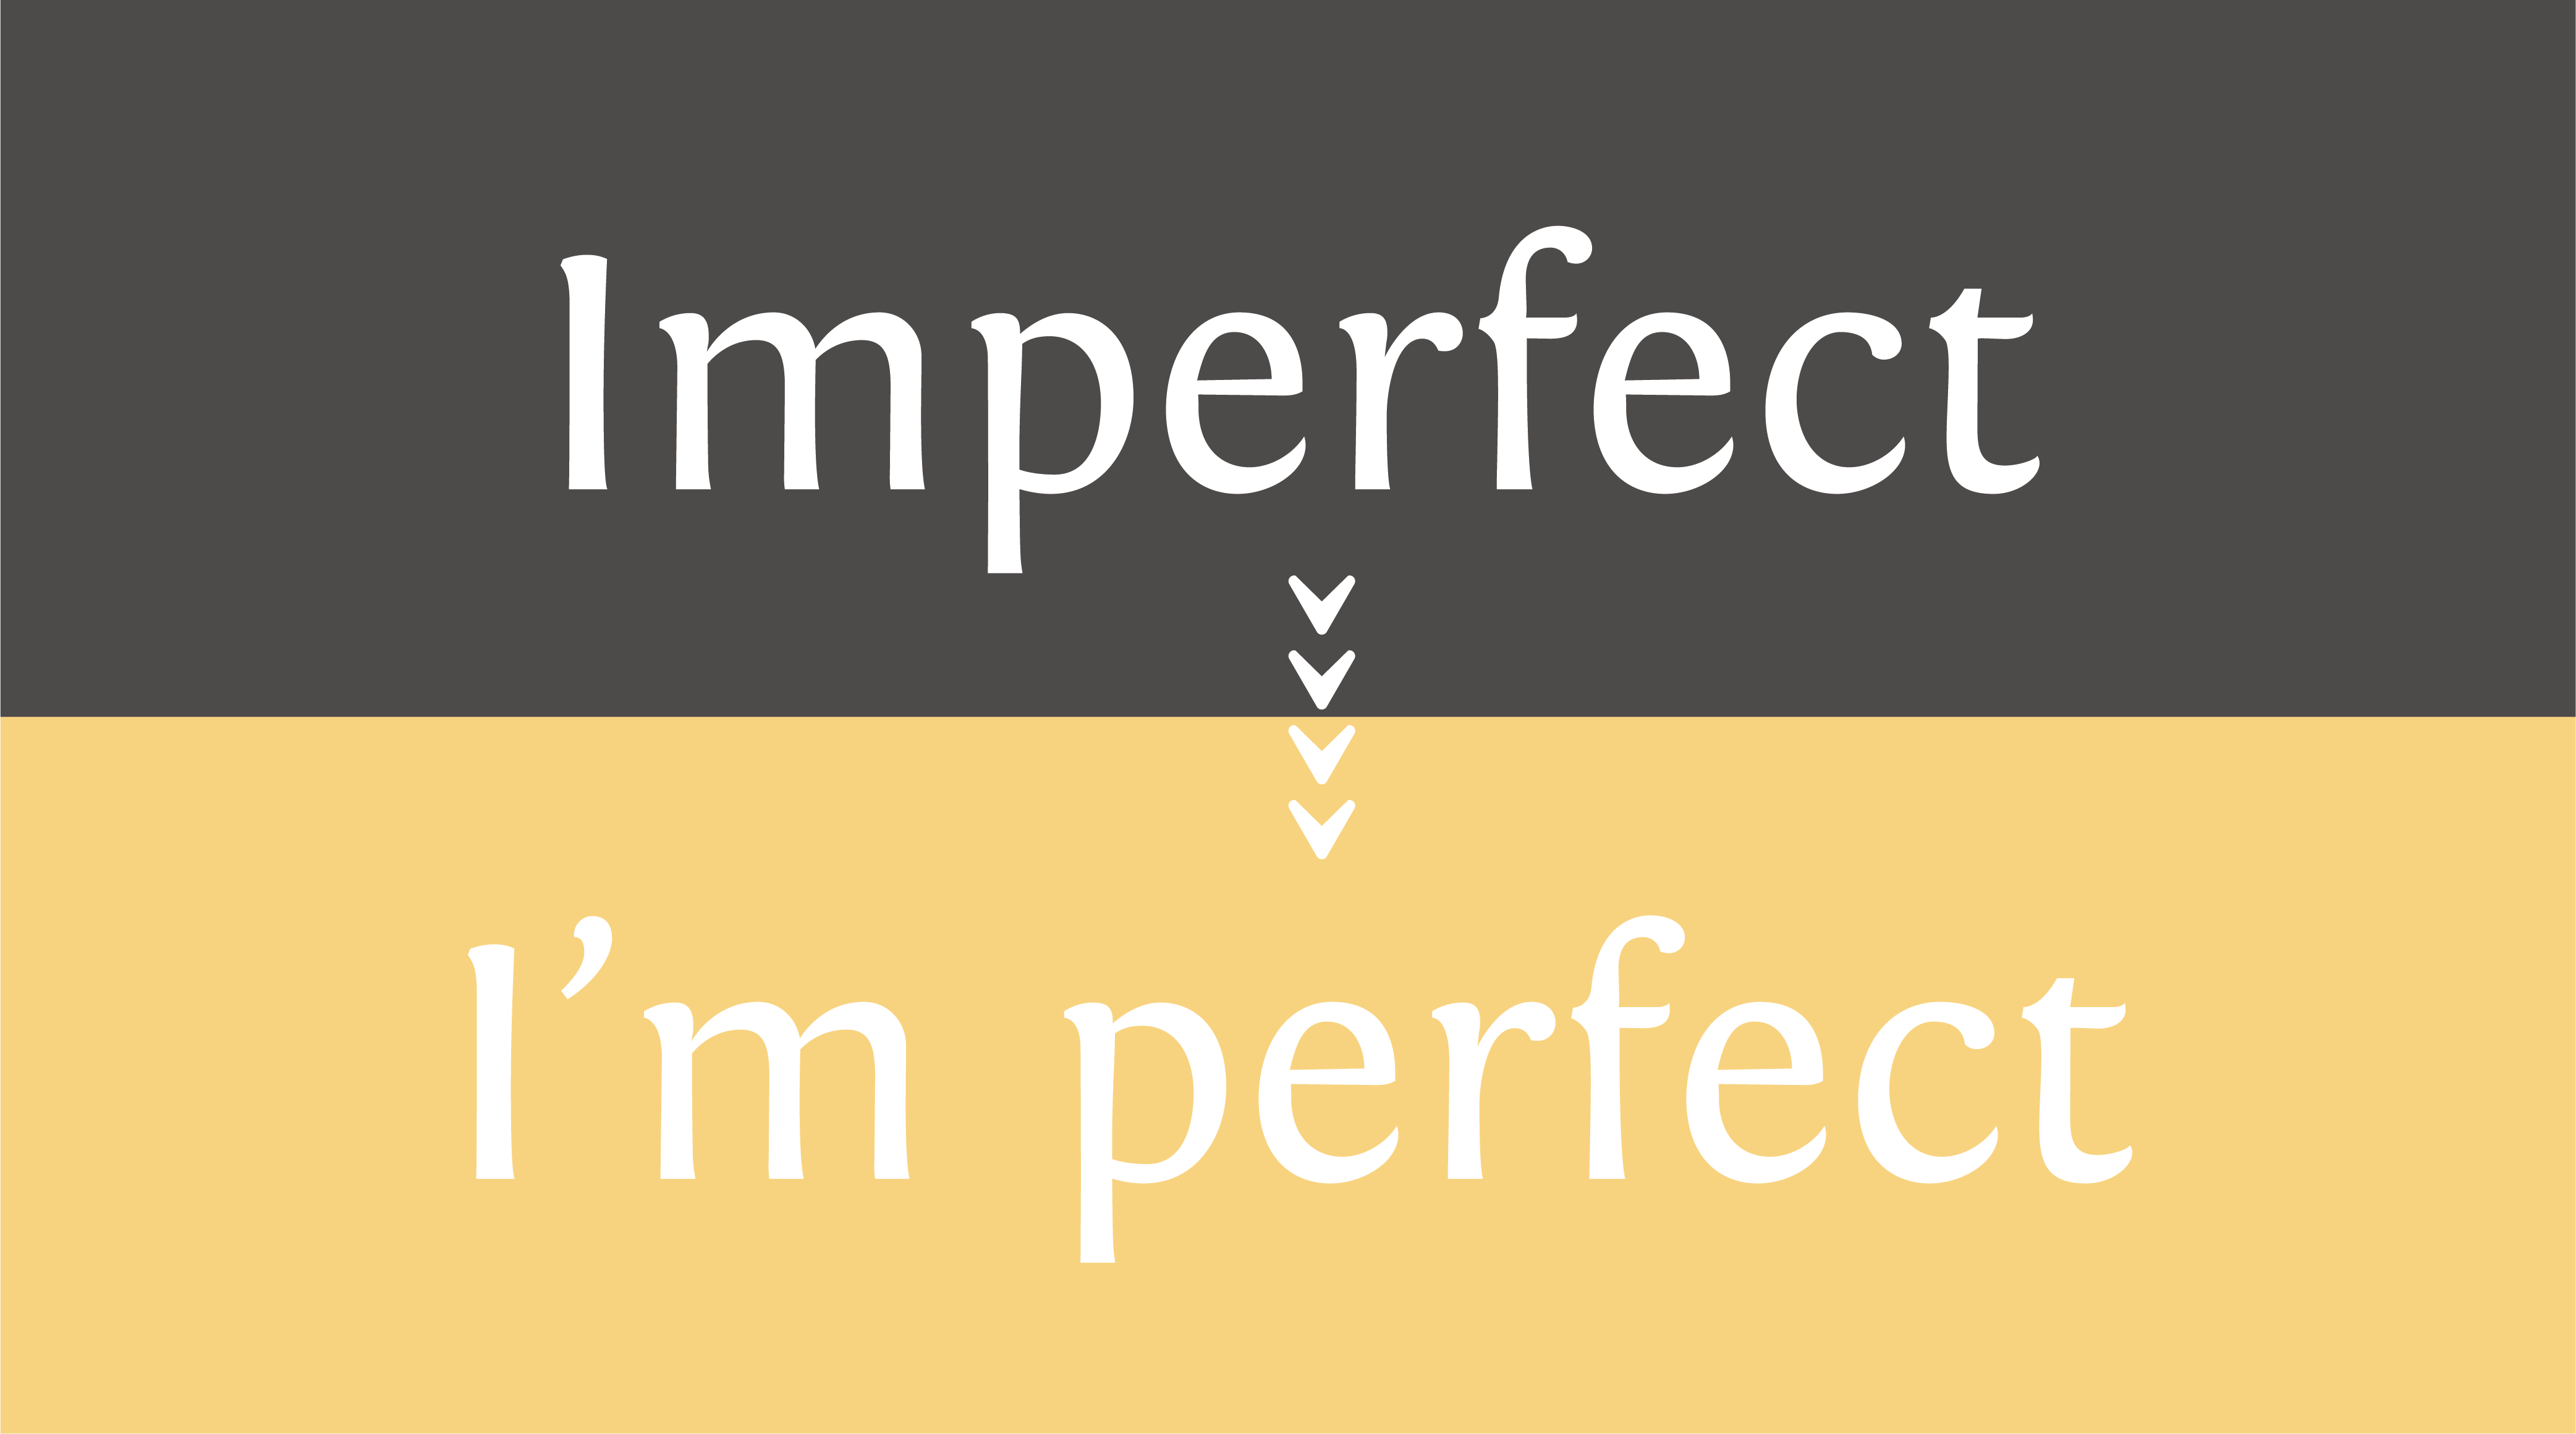 自尊運動提倡的正向自我:從認為自己「不完美」,漸漸變成「我很完美」。資料來源│張仁和提供 圖說重製│張語辰